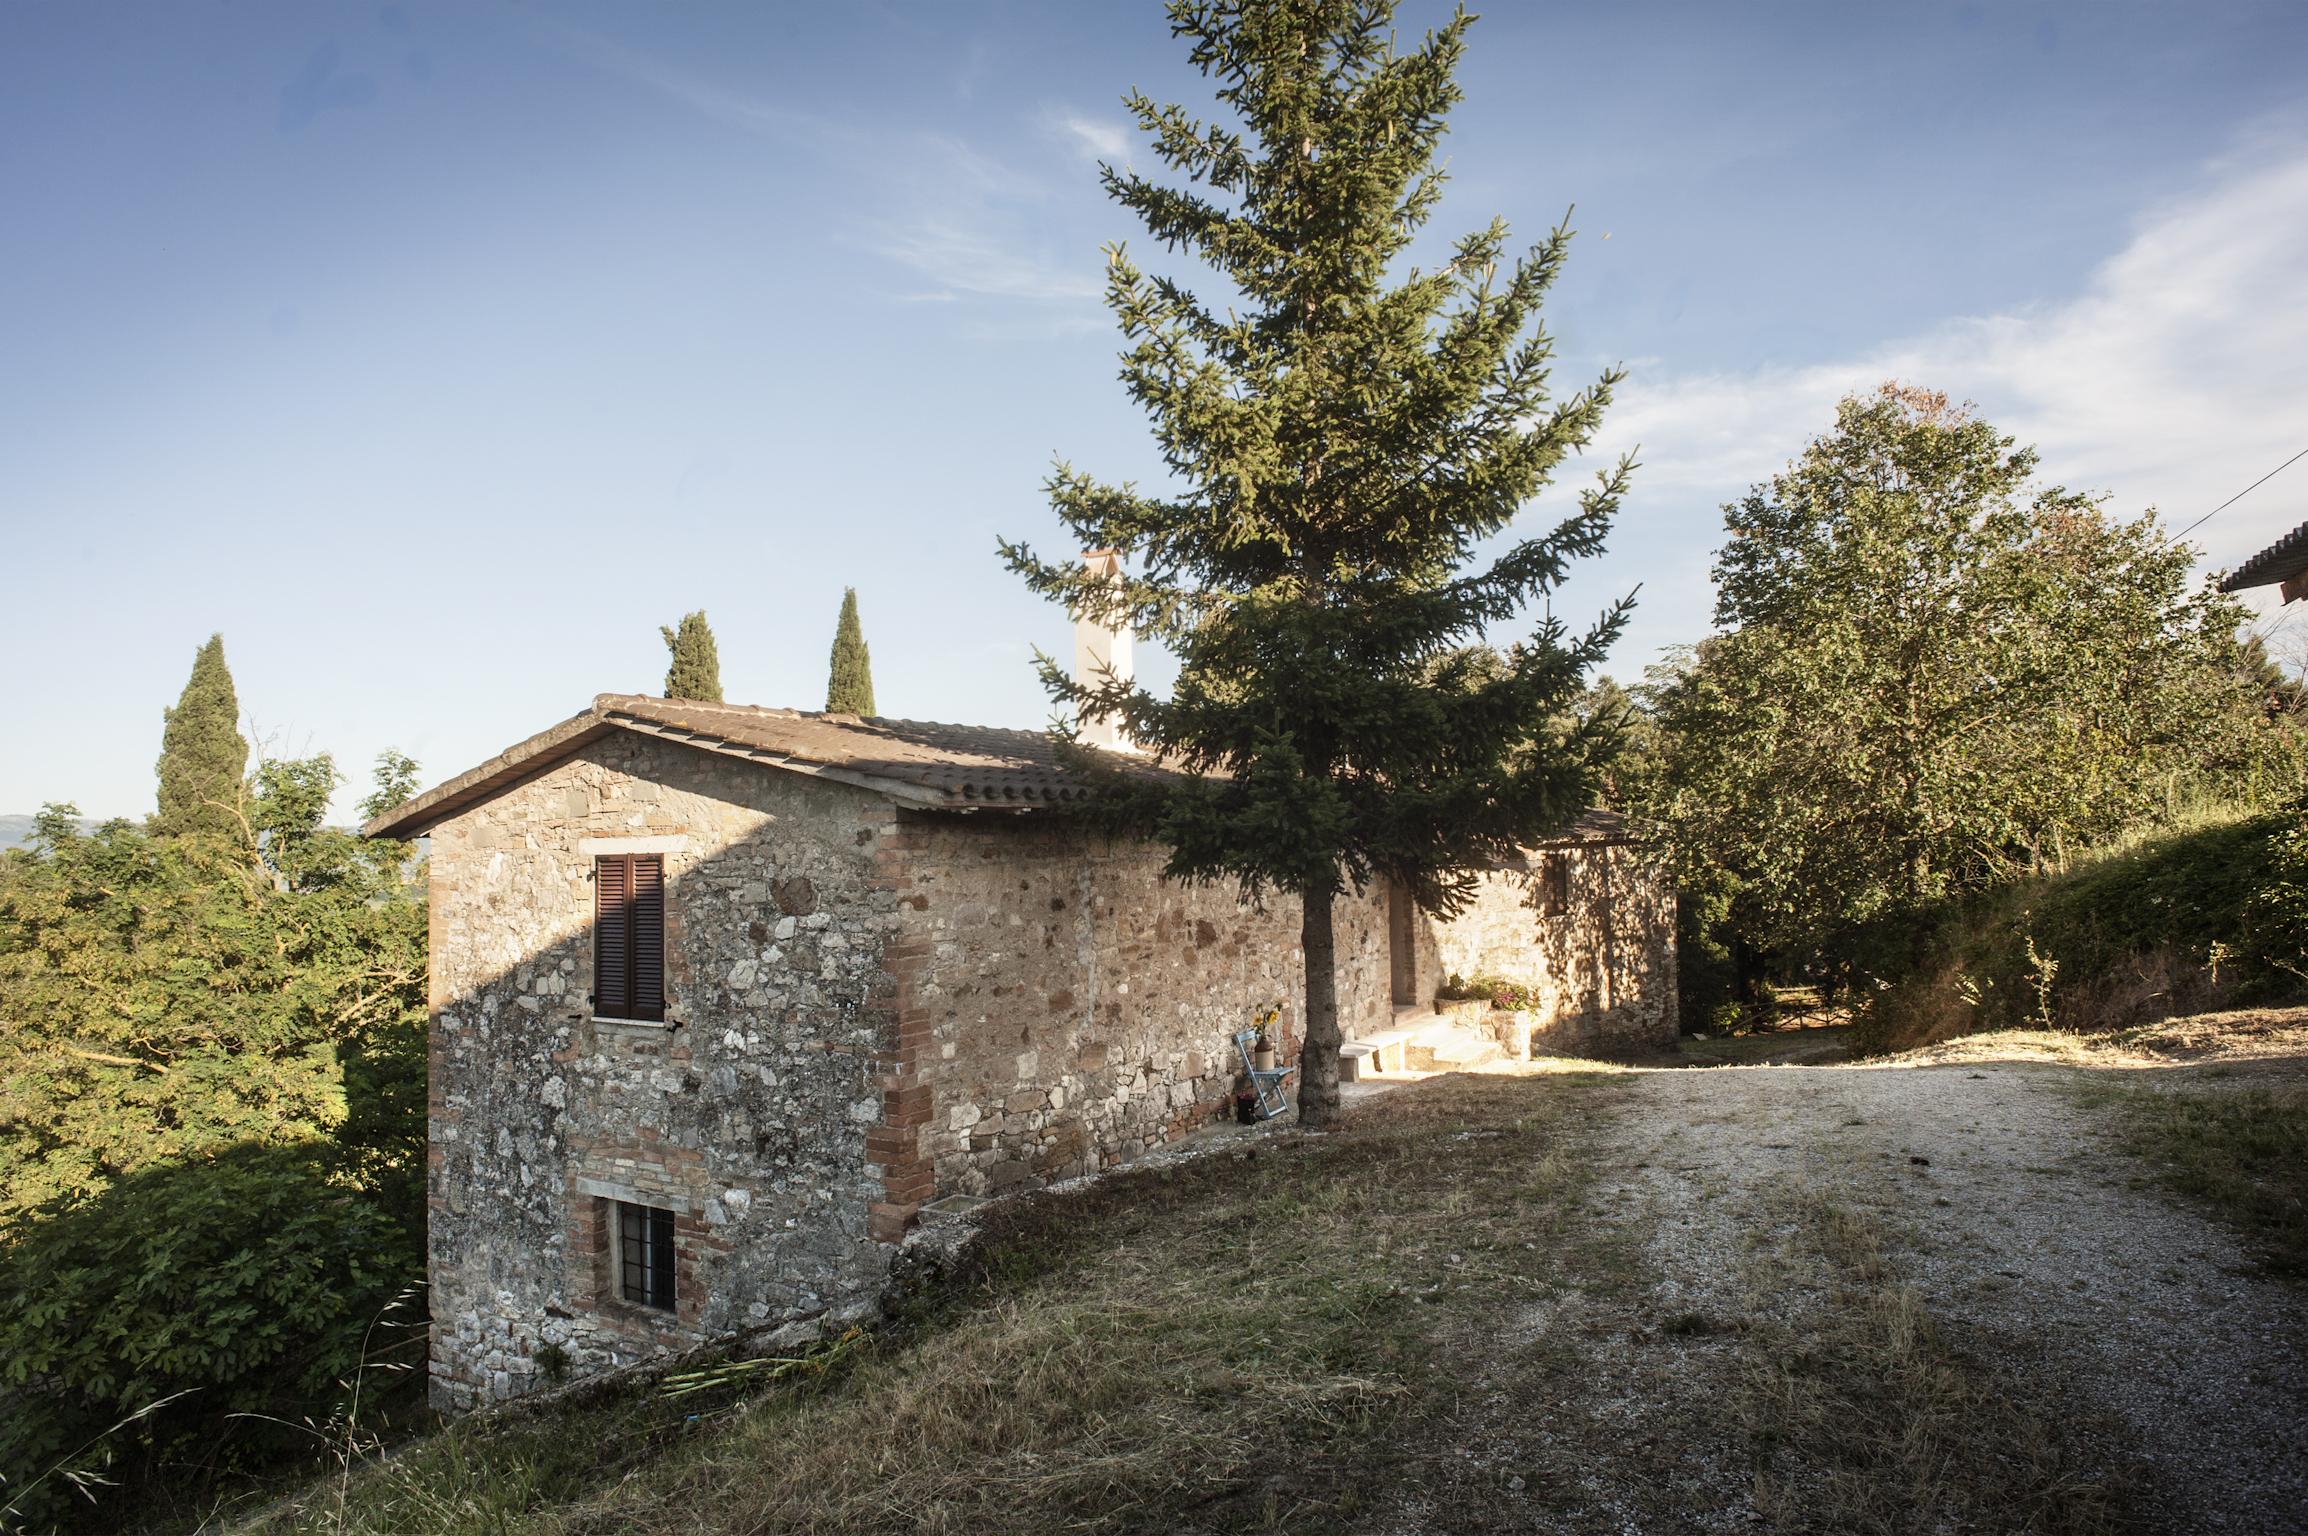 Palazzaccio-Todi